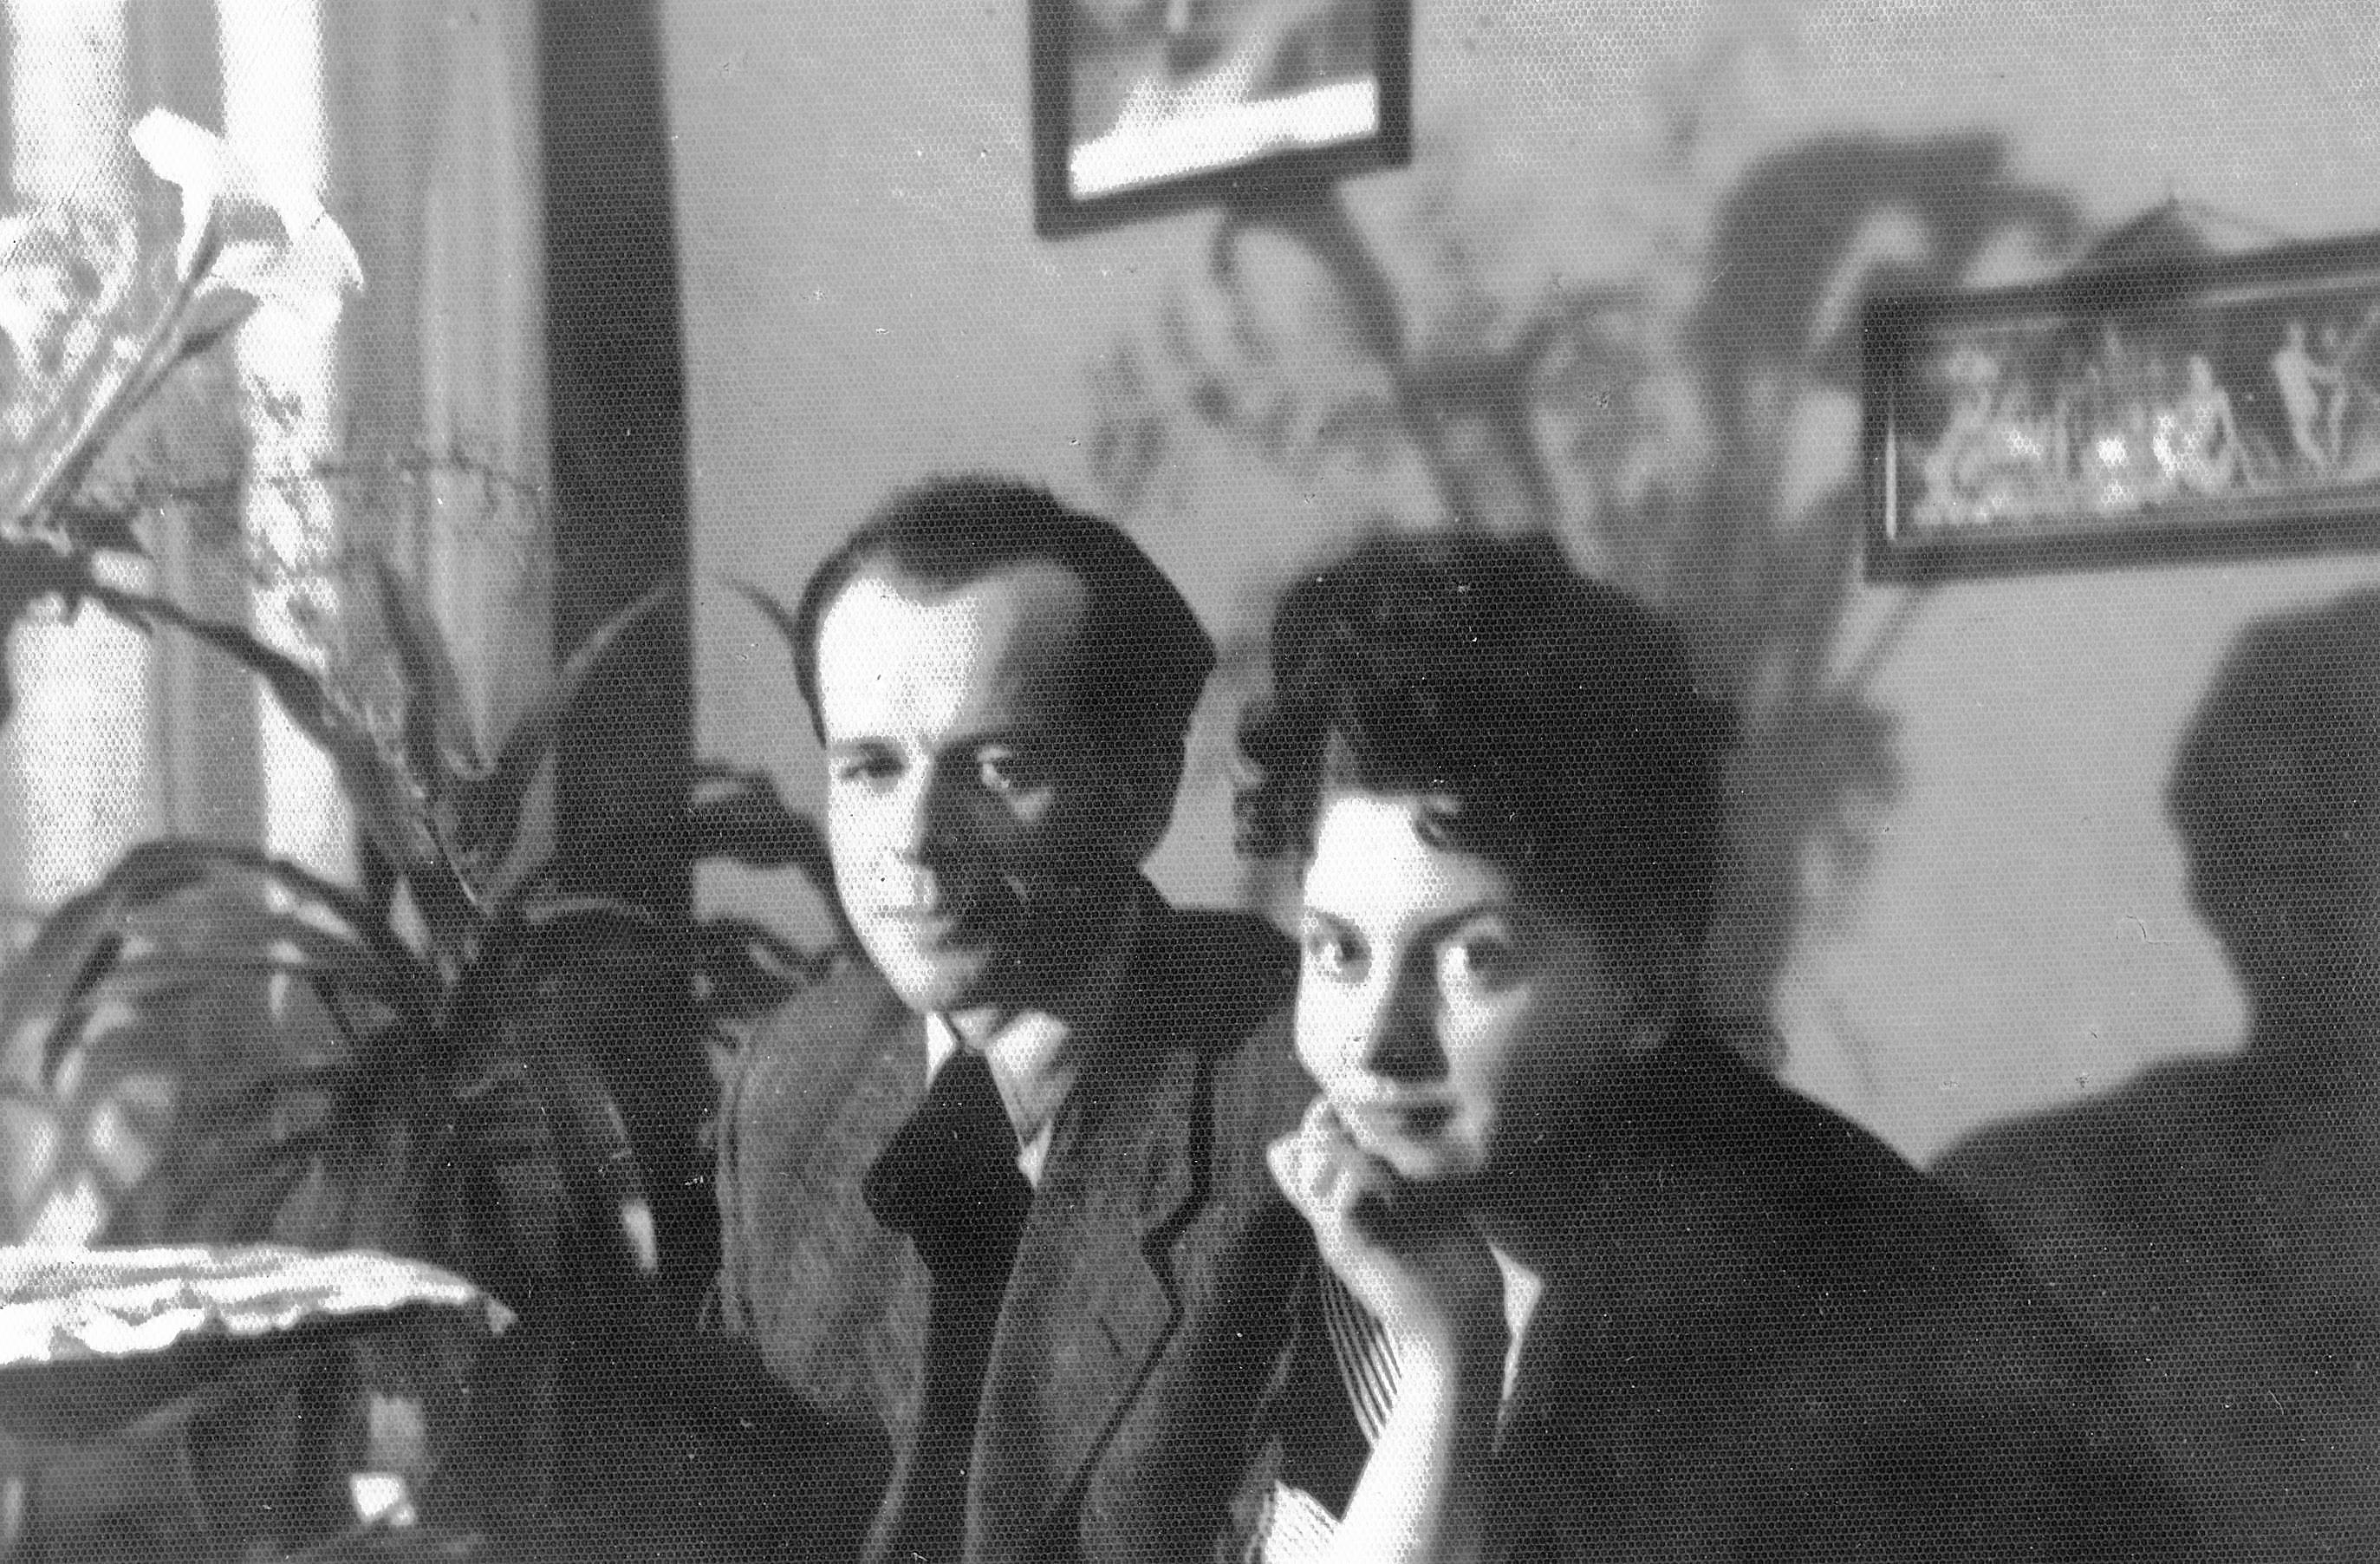 Antoni Kępiński z żoną, wkrótce po ślubie, w mieszkaniu przy Szpitalnej, 10 lutego 1948 (fot. Z archiwum rodzinnego Wisławy Kłodzińskiej-Batruch)